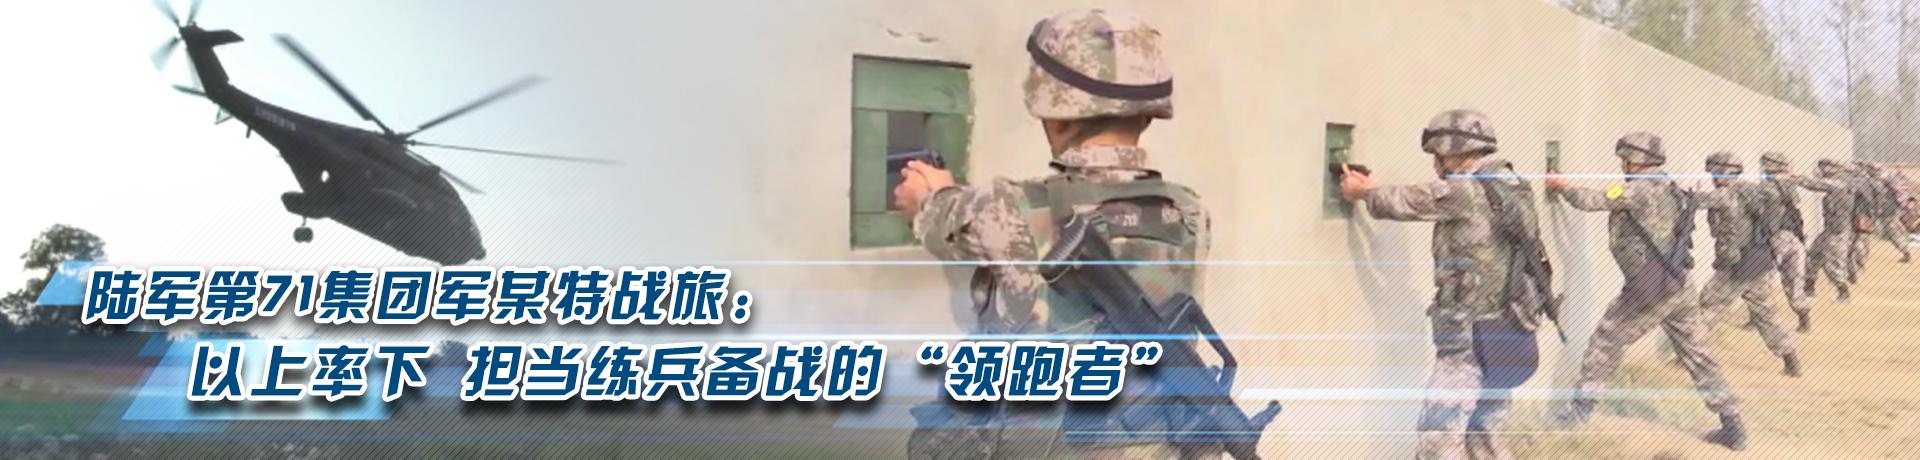 """陆军第71集团军某特战旅:以上率下 担当练兵备战""""领跑者"""""""